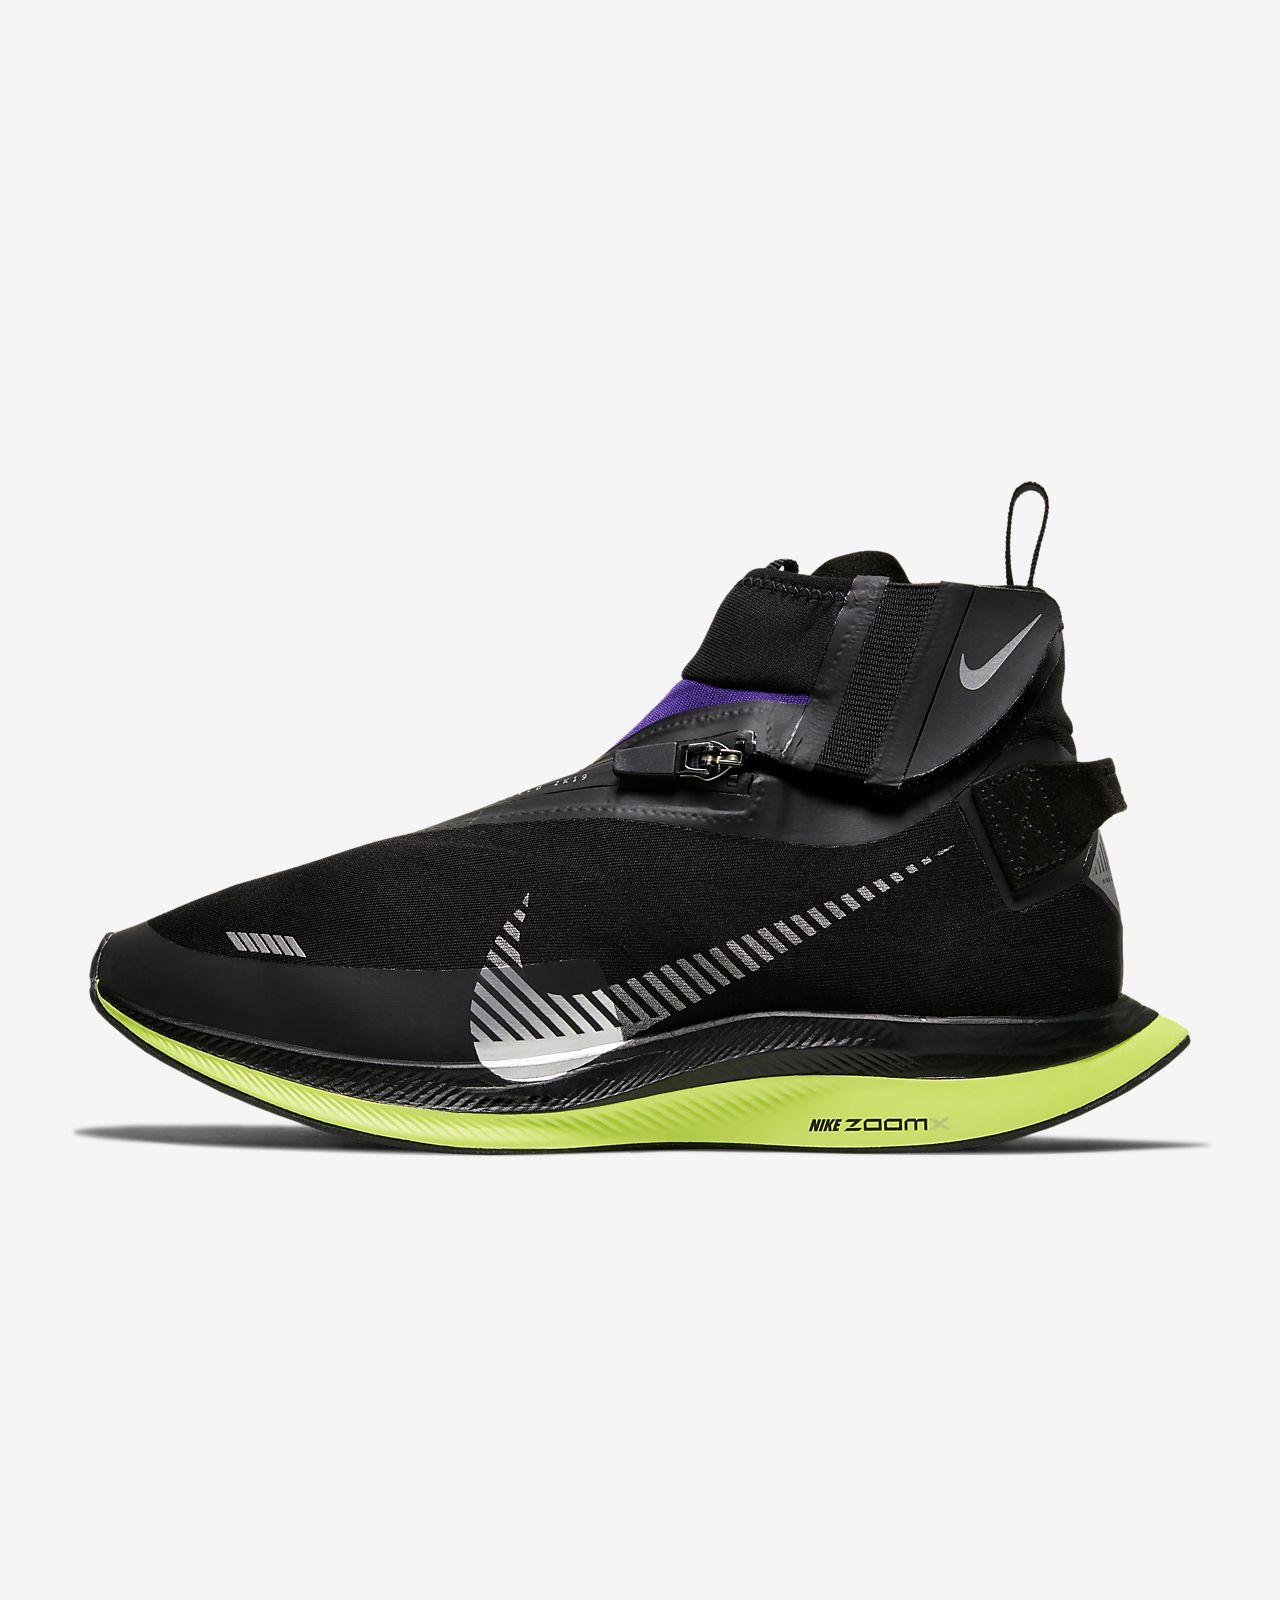 produkty wysokiej jakości szeroki zasięg eleganckie buty Damskie buty do biegania Nike Zoom Pegasus Turbo Shield